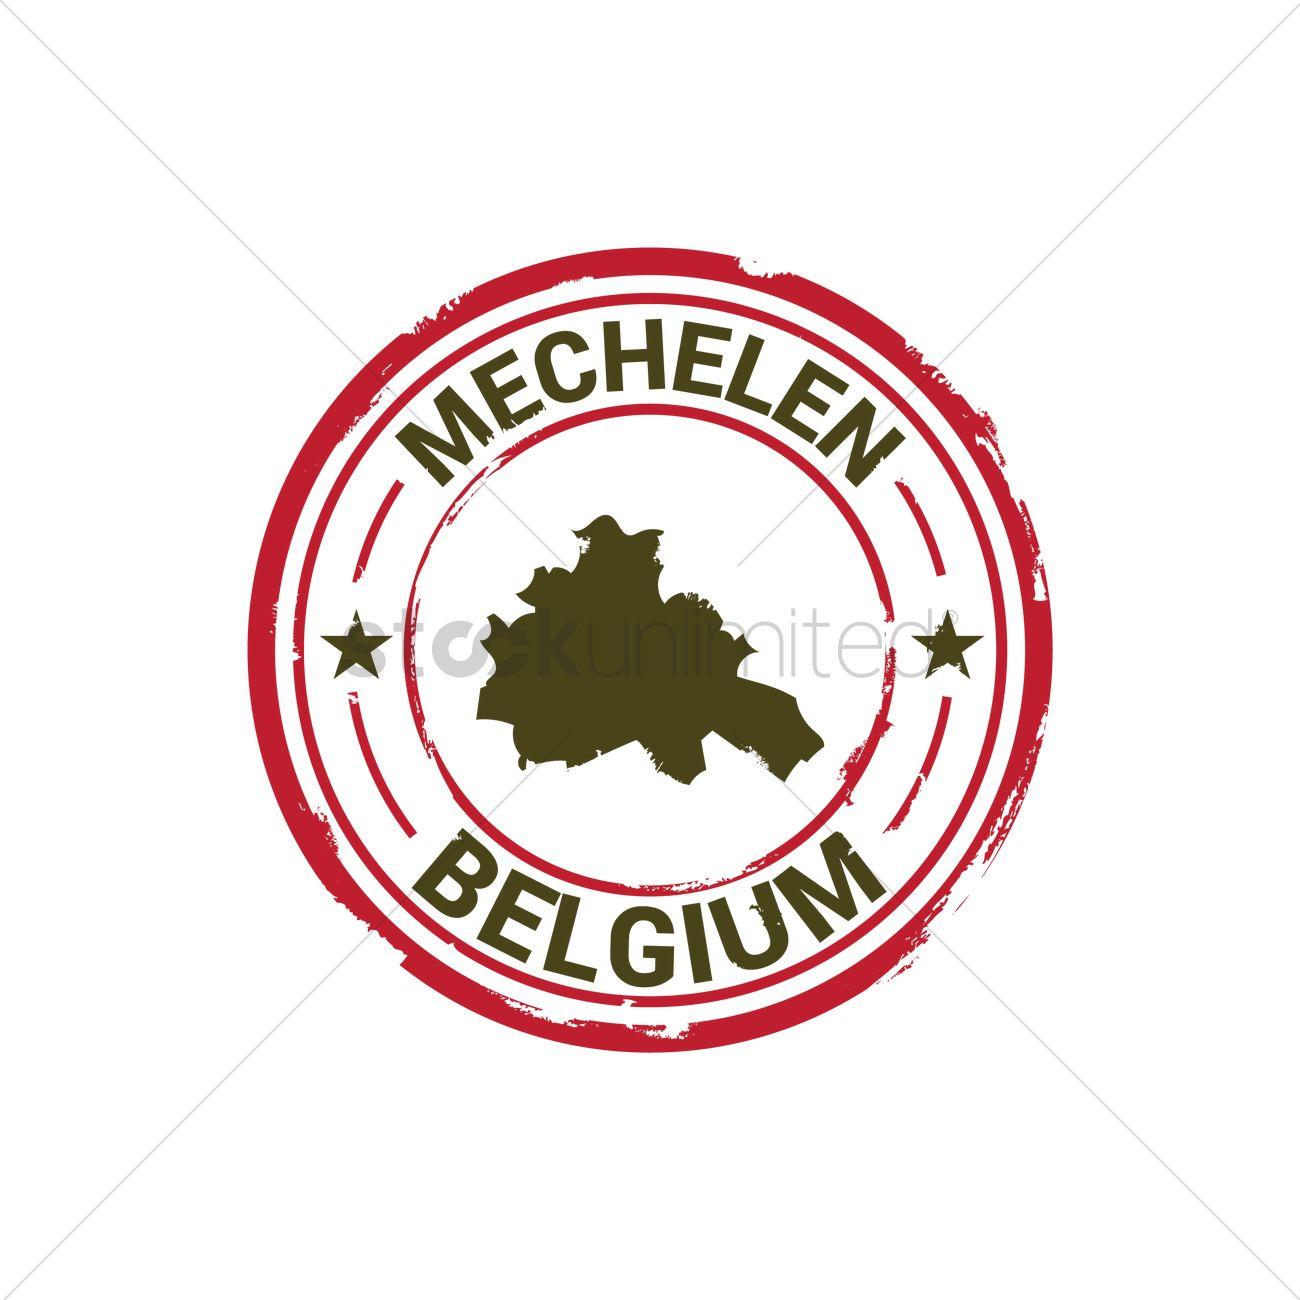 Mechelen map stamp Vector Image.